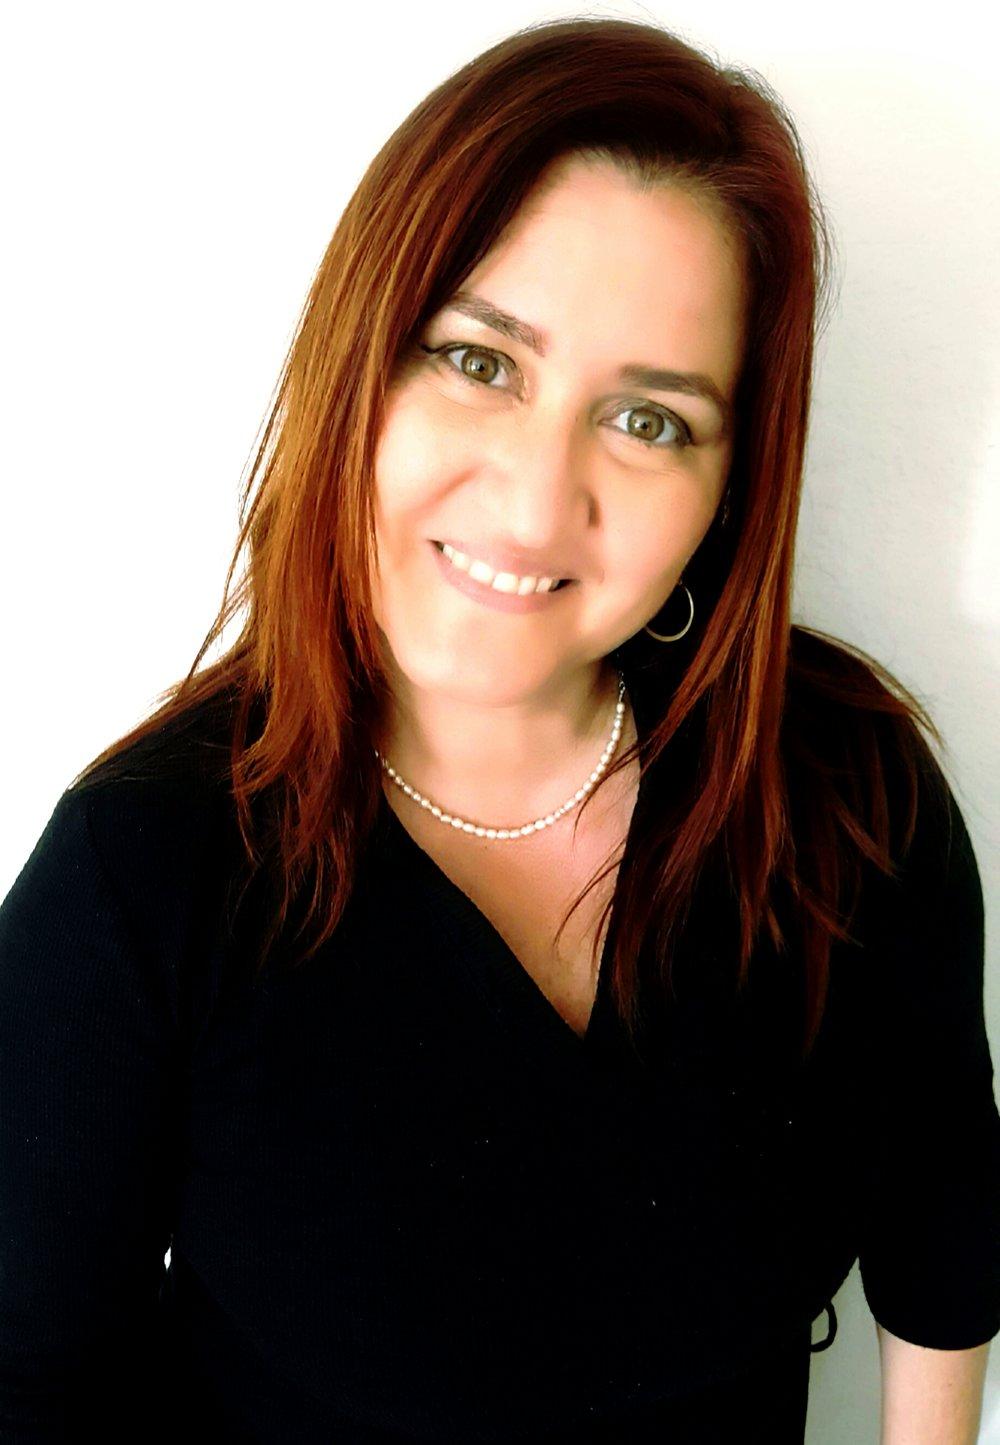 Aurelina Romero | Co-Producer